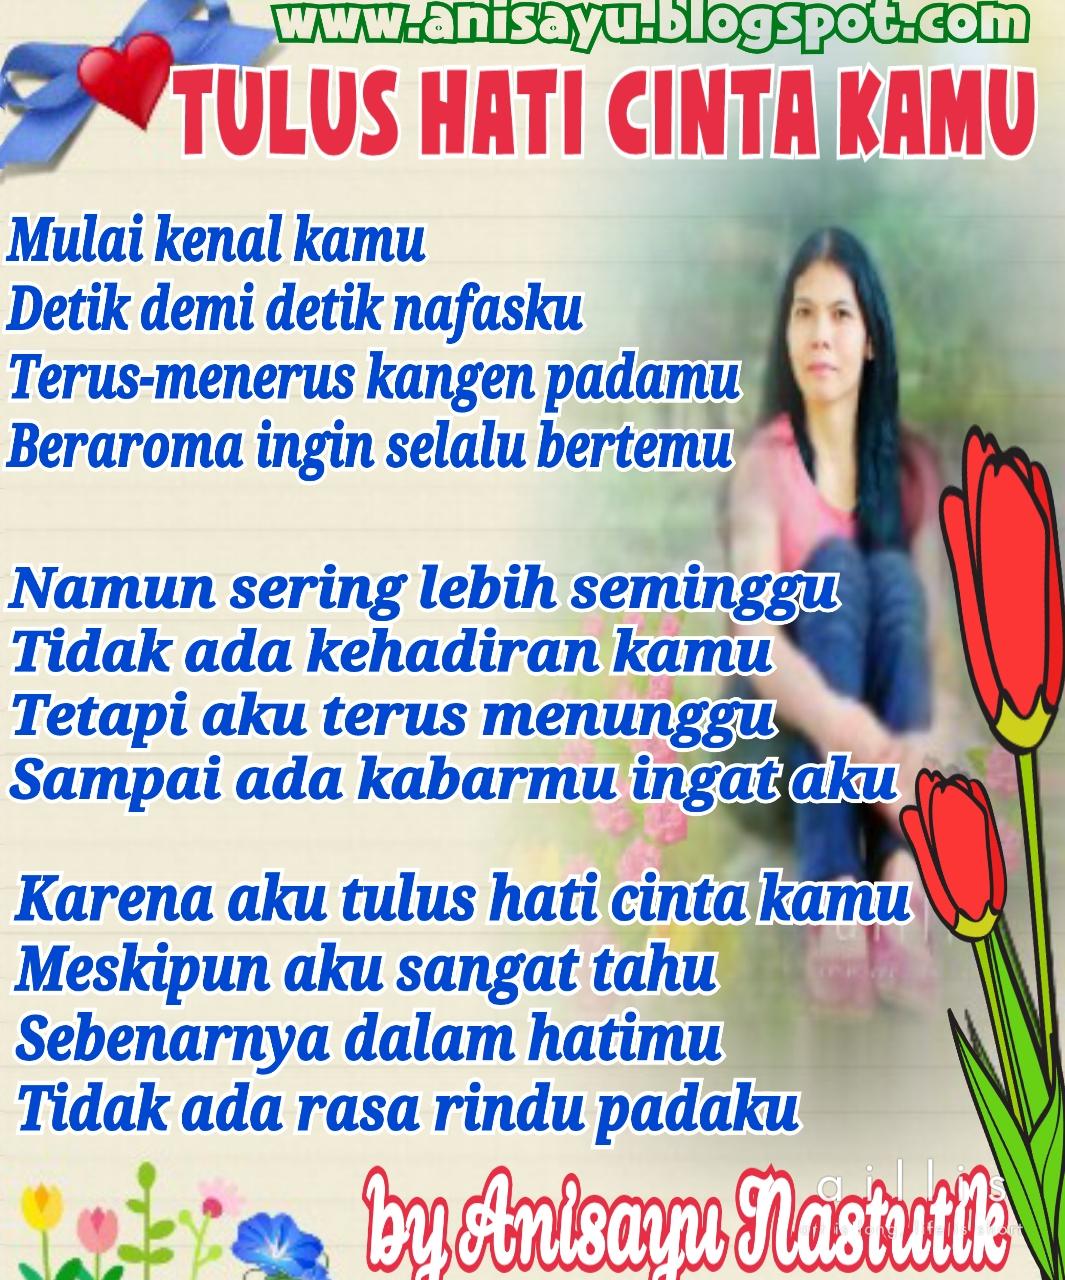 PUISI CINTA BY ANISAYU Kumpulan Puisi Cinta Sedih Hati